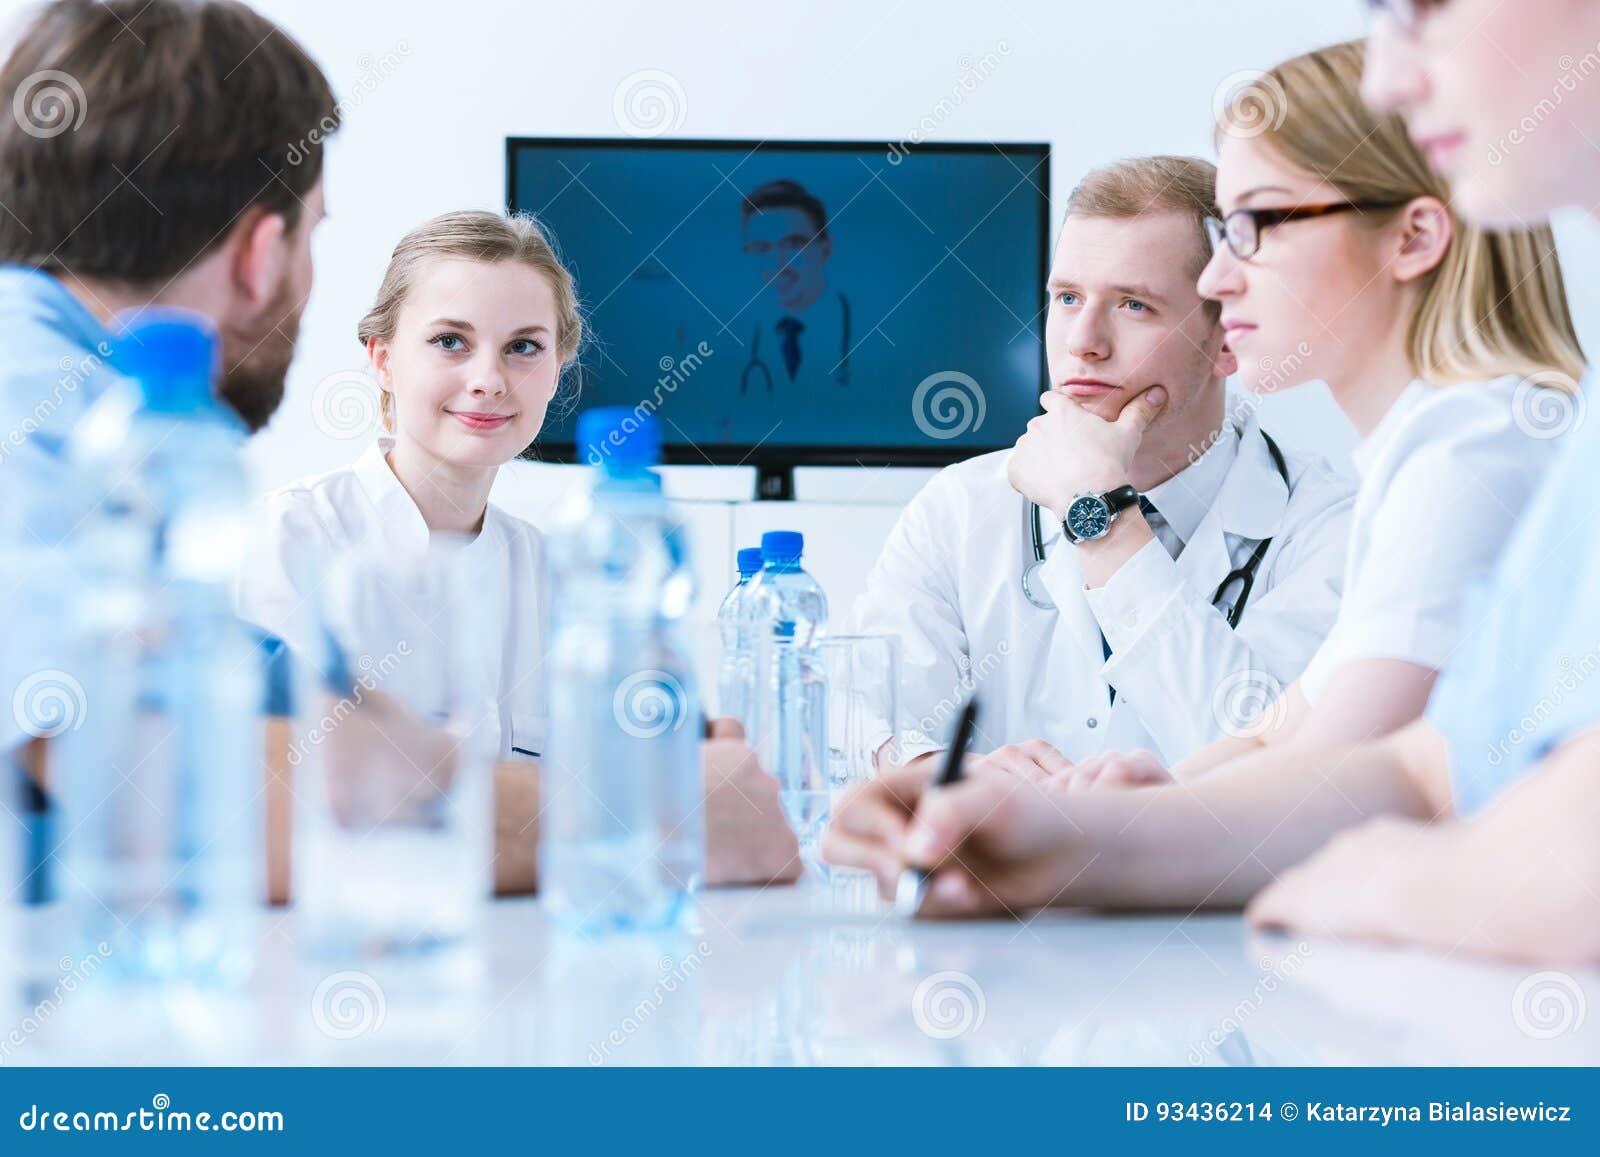 Medyczny wideokonferencja